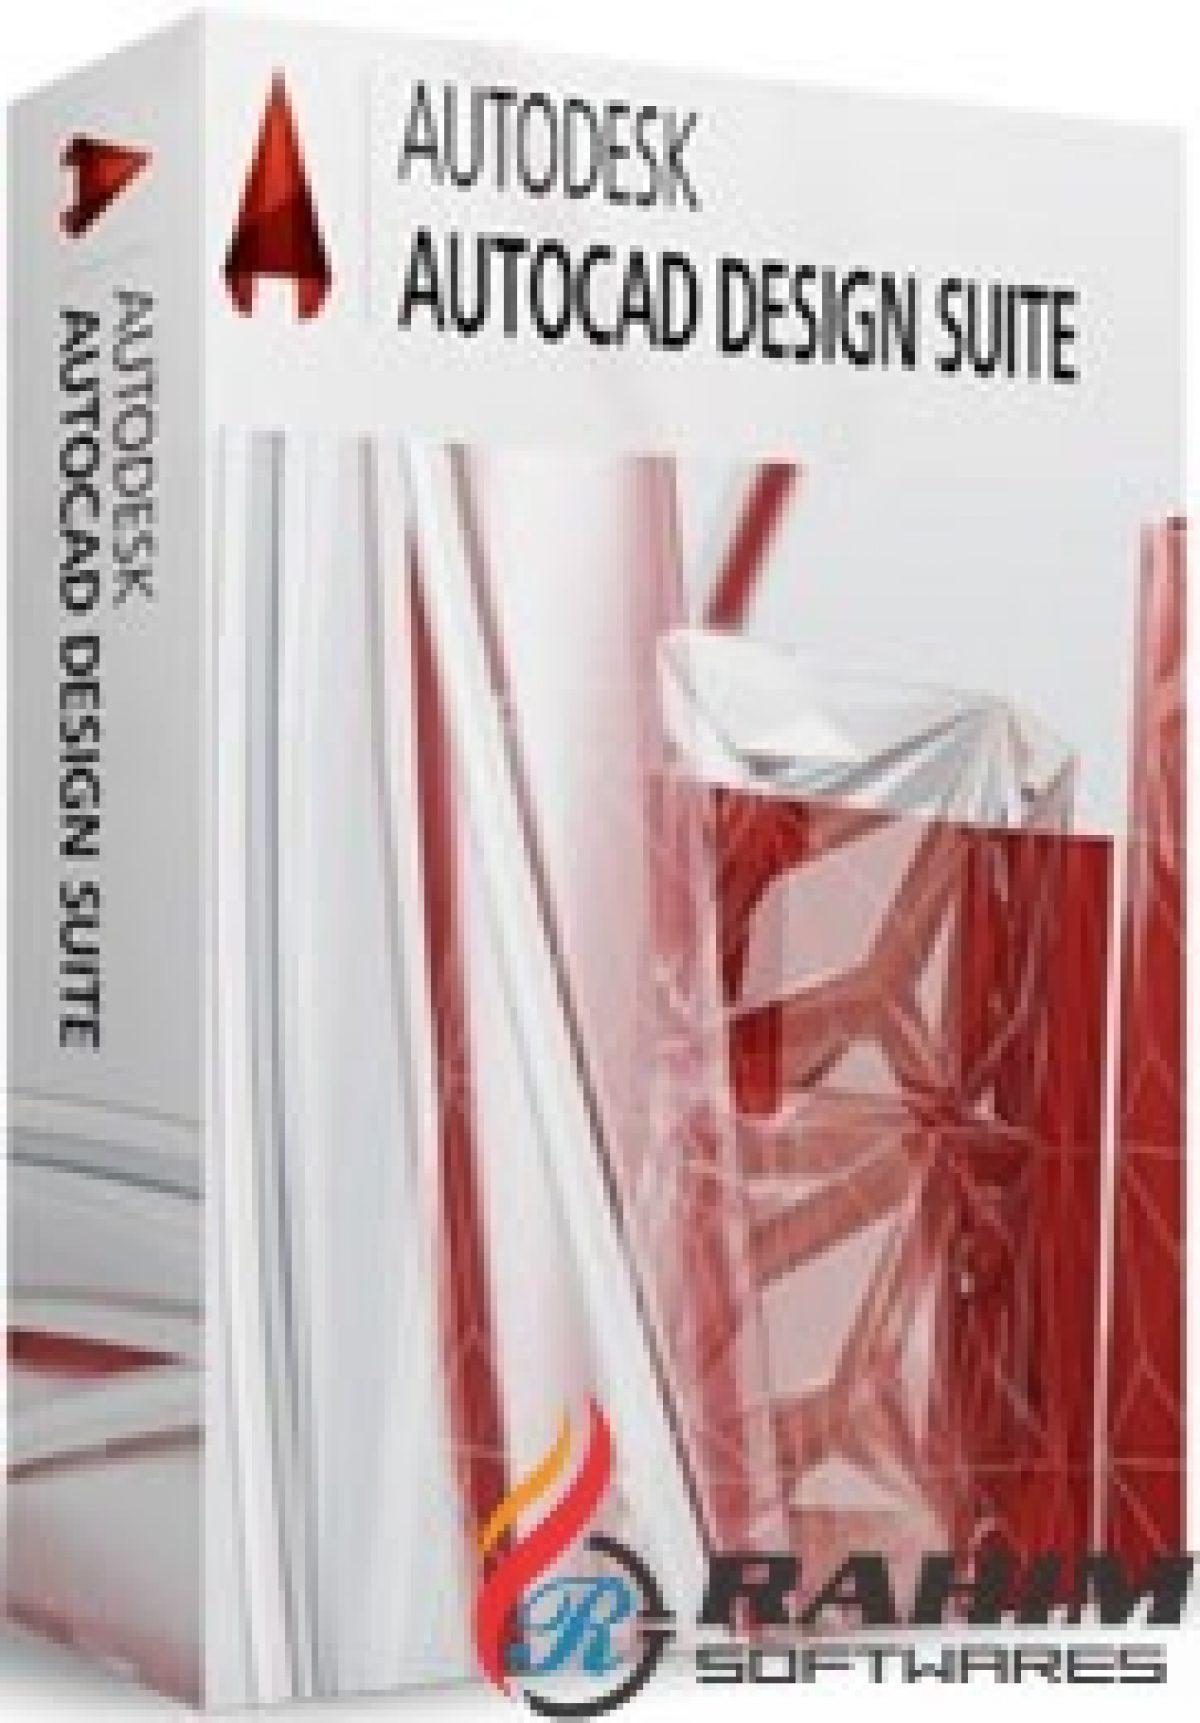 Autodesk Autocad Design Suite Ultimate 2016 64-Bit